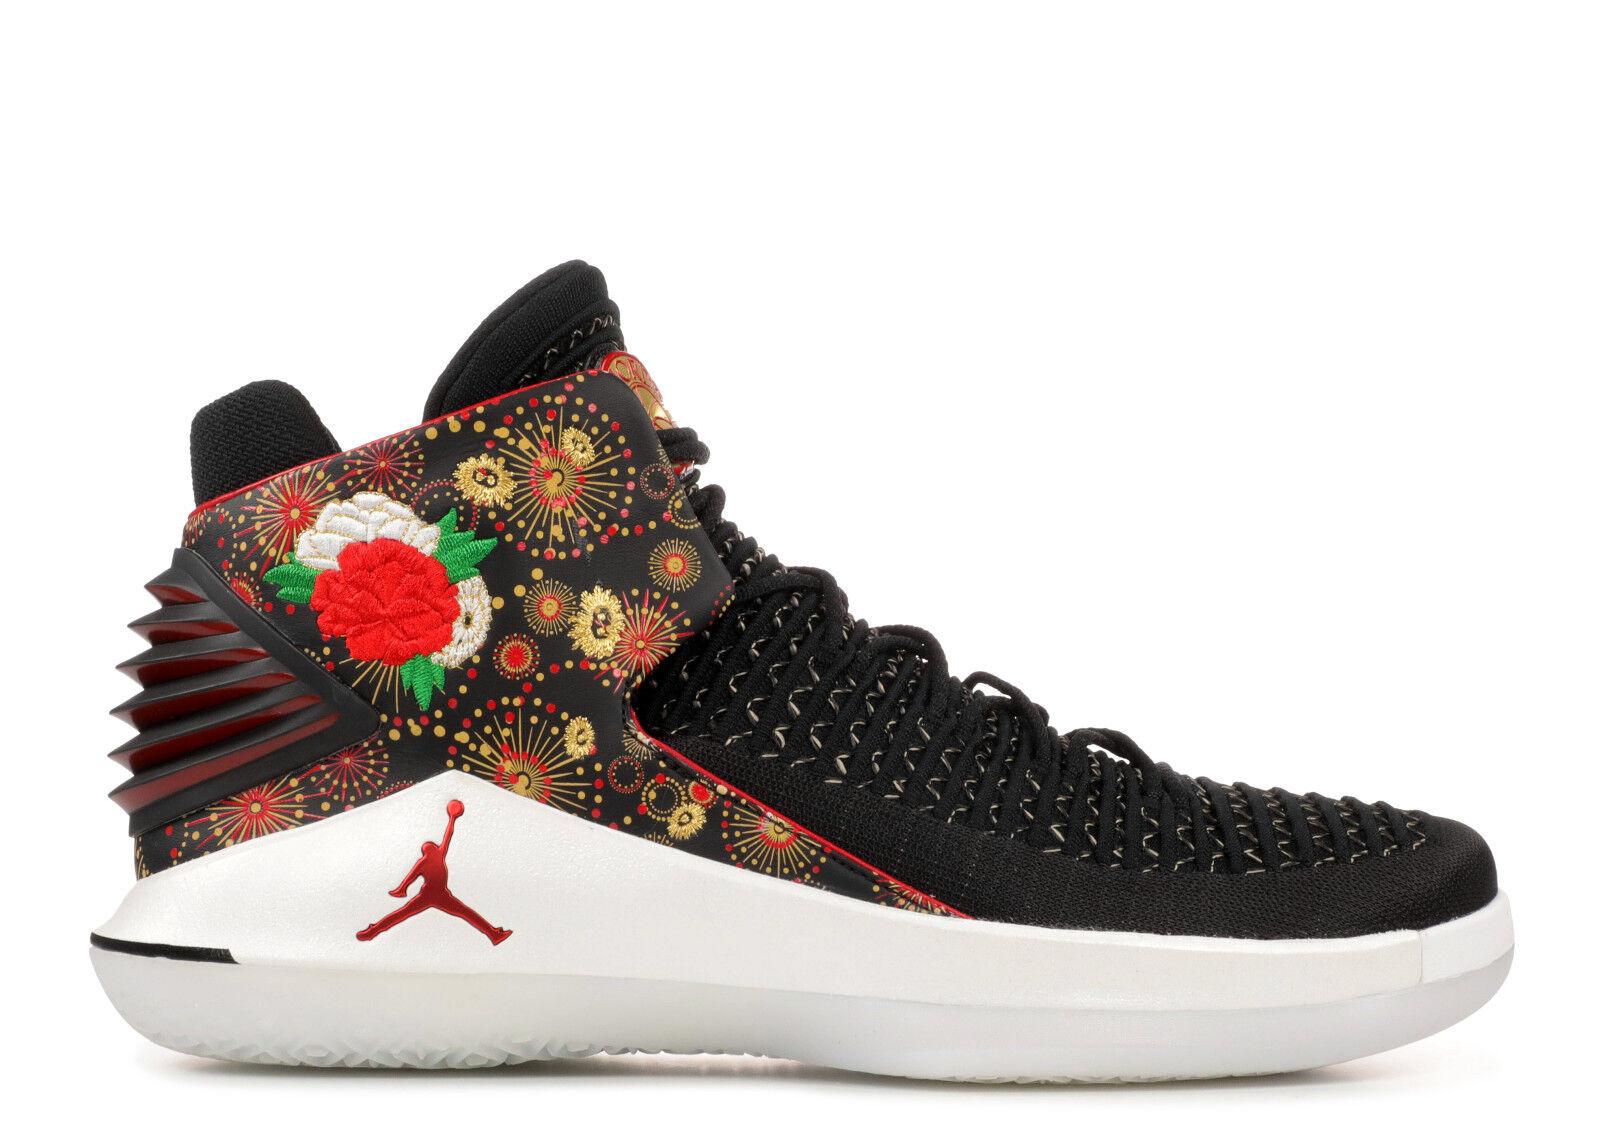 Nike air jordan xxxii 32 cny il capodanno cinese 15.aj6331-042.l'oro numero 15.aj6331-042.l'oro cinese bianco. f556e0